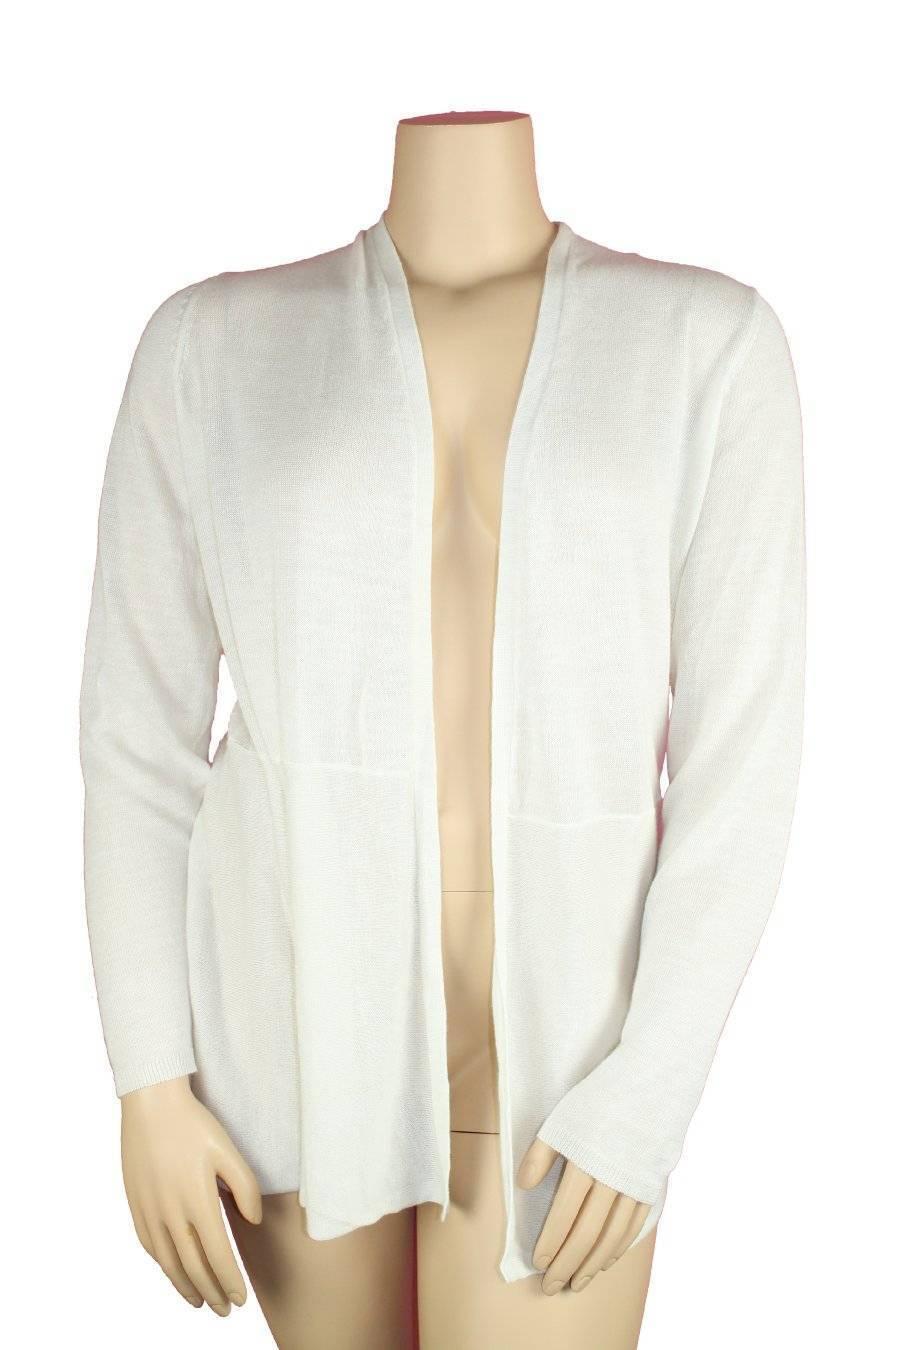 Charter Club White Plus Size Cardigan Wrap Ramie / Rayon 3x DL | eBay